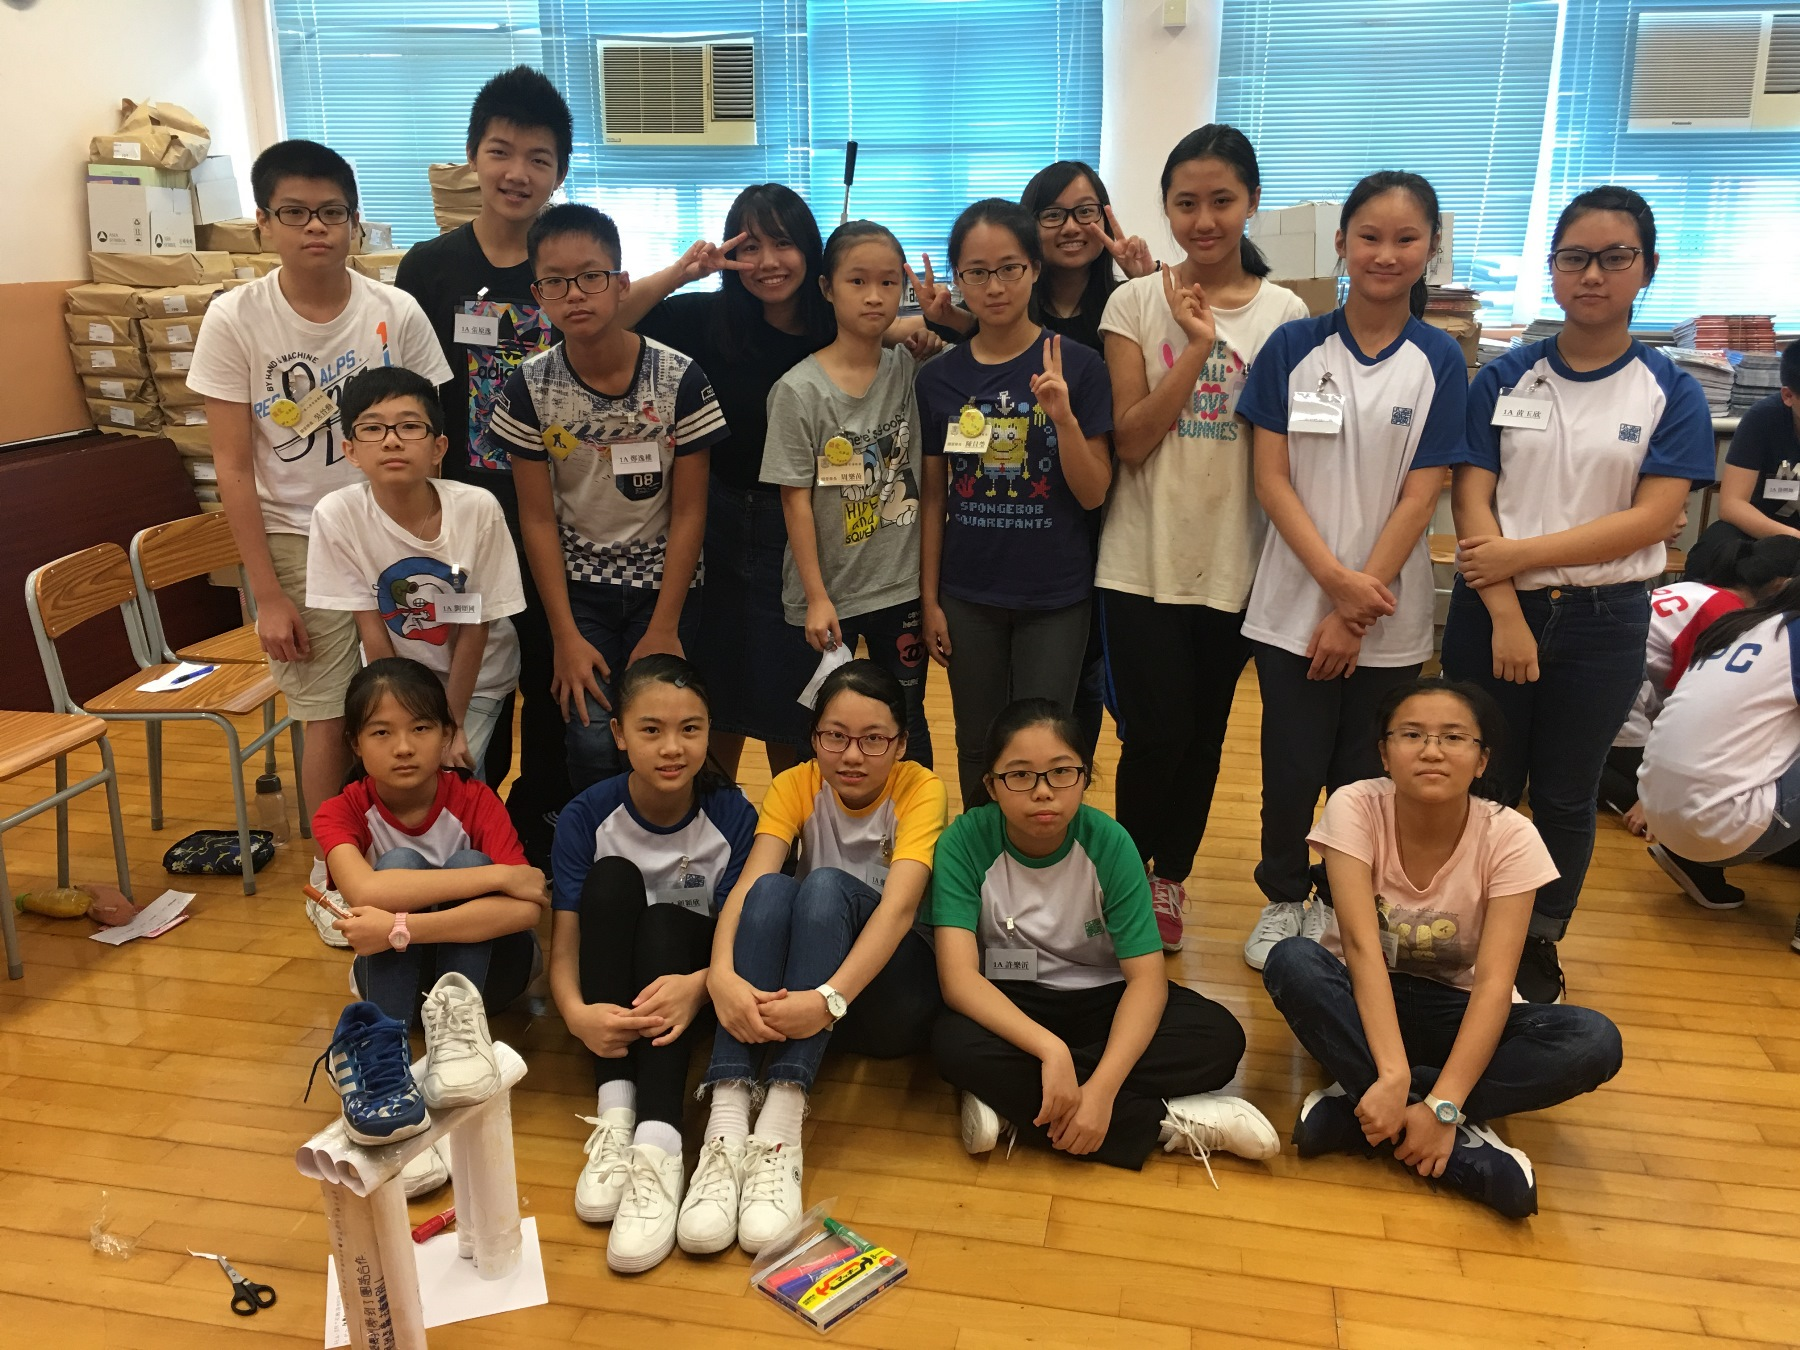 http://www.npc.edu.hk/sites/default/files/1a_hu_li_hu_mian_zhong_zhi_cheng_cheng_20170817_11.jpg